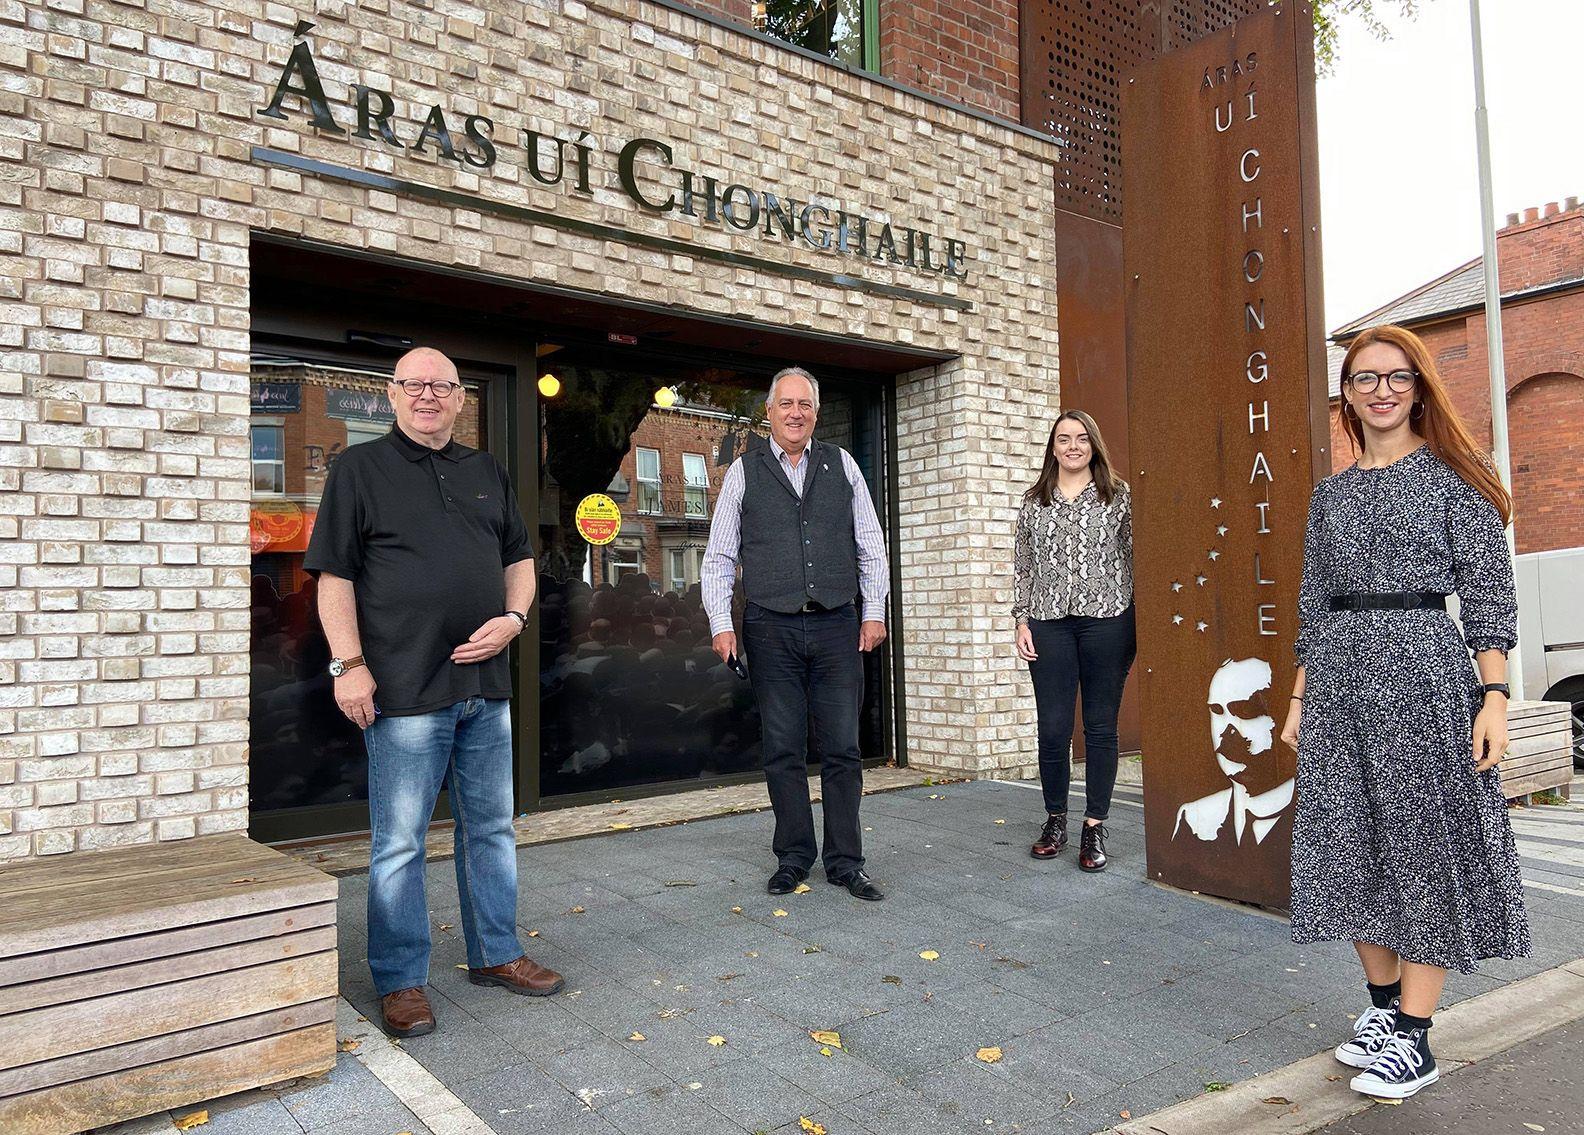 FÁILTE: Joe Austin, Tour Guide, Seánna Walsh, Centre Manager, Eimear Hargey, Heritage Officer, and Clíodhna Nic Bhranair of Áras Uí Chonghaile